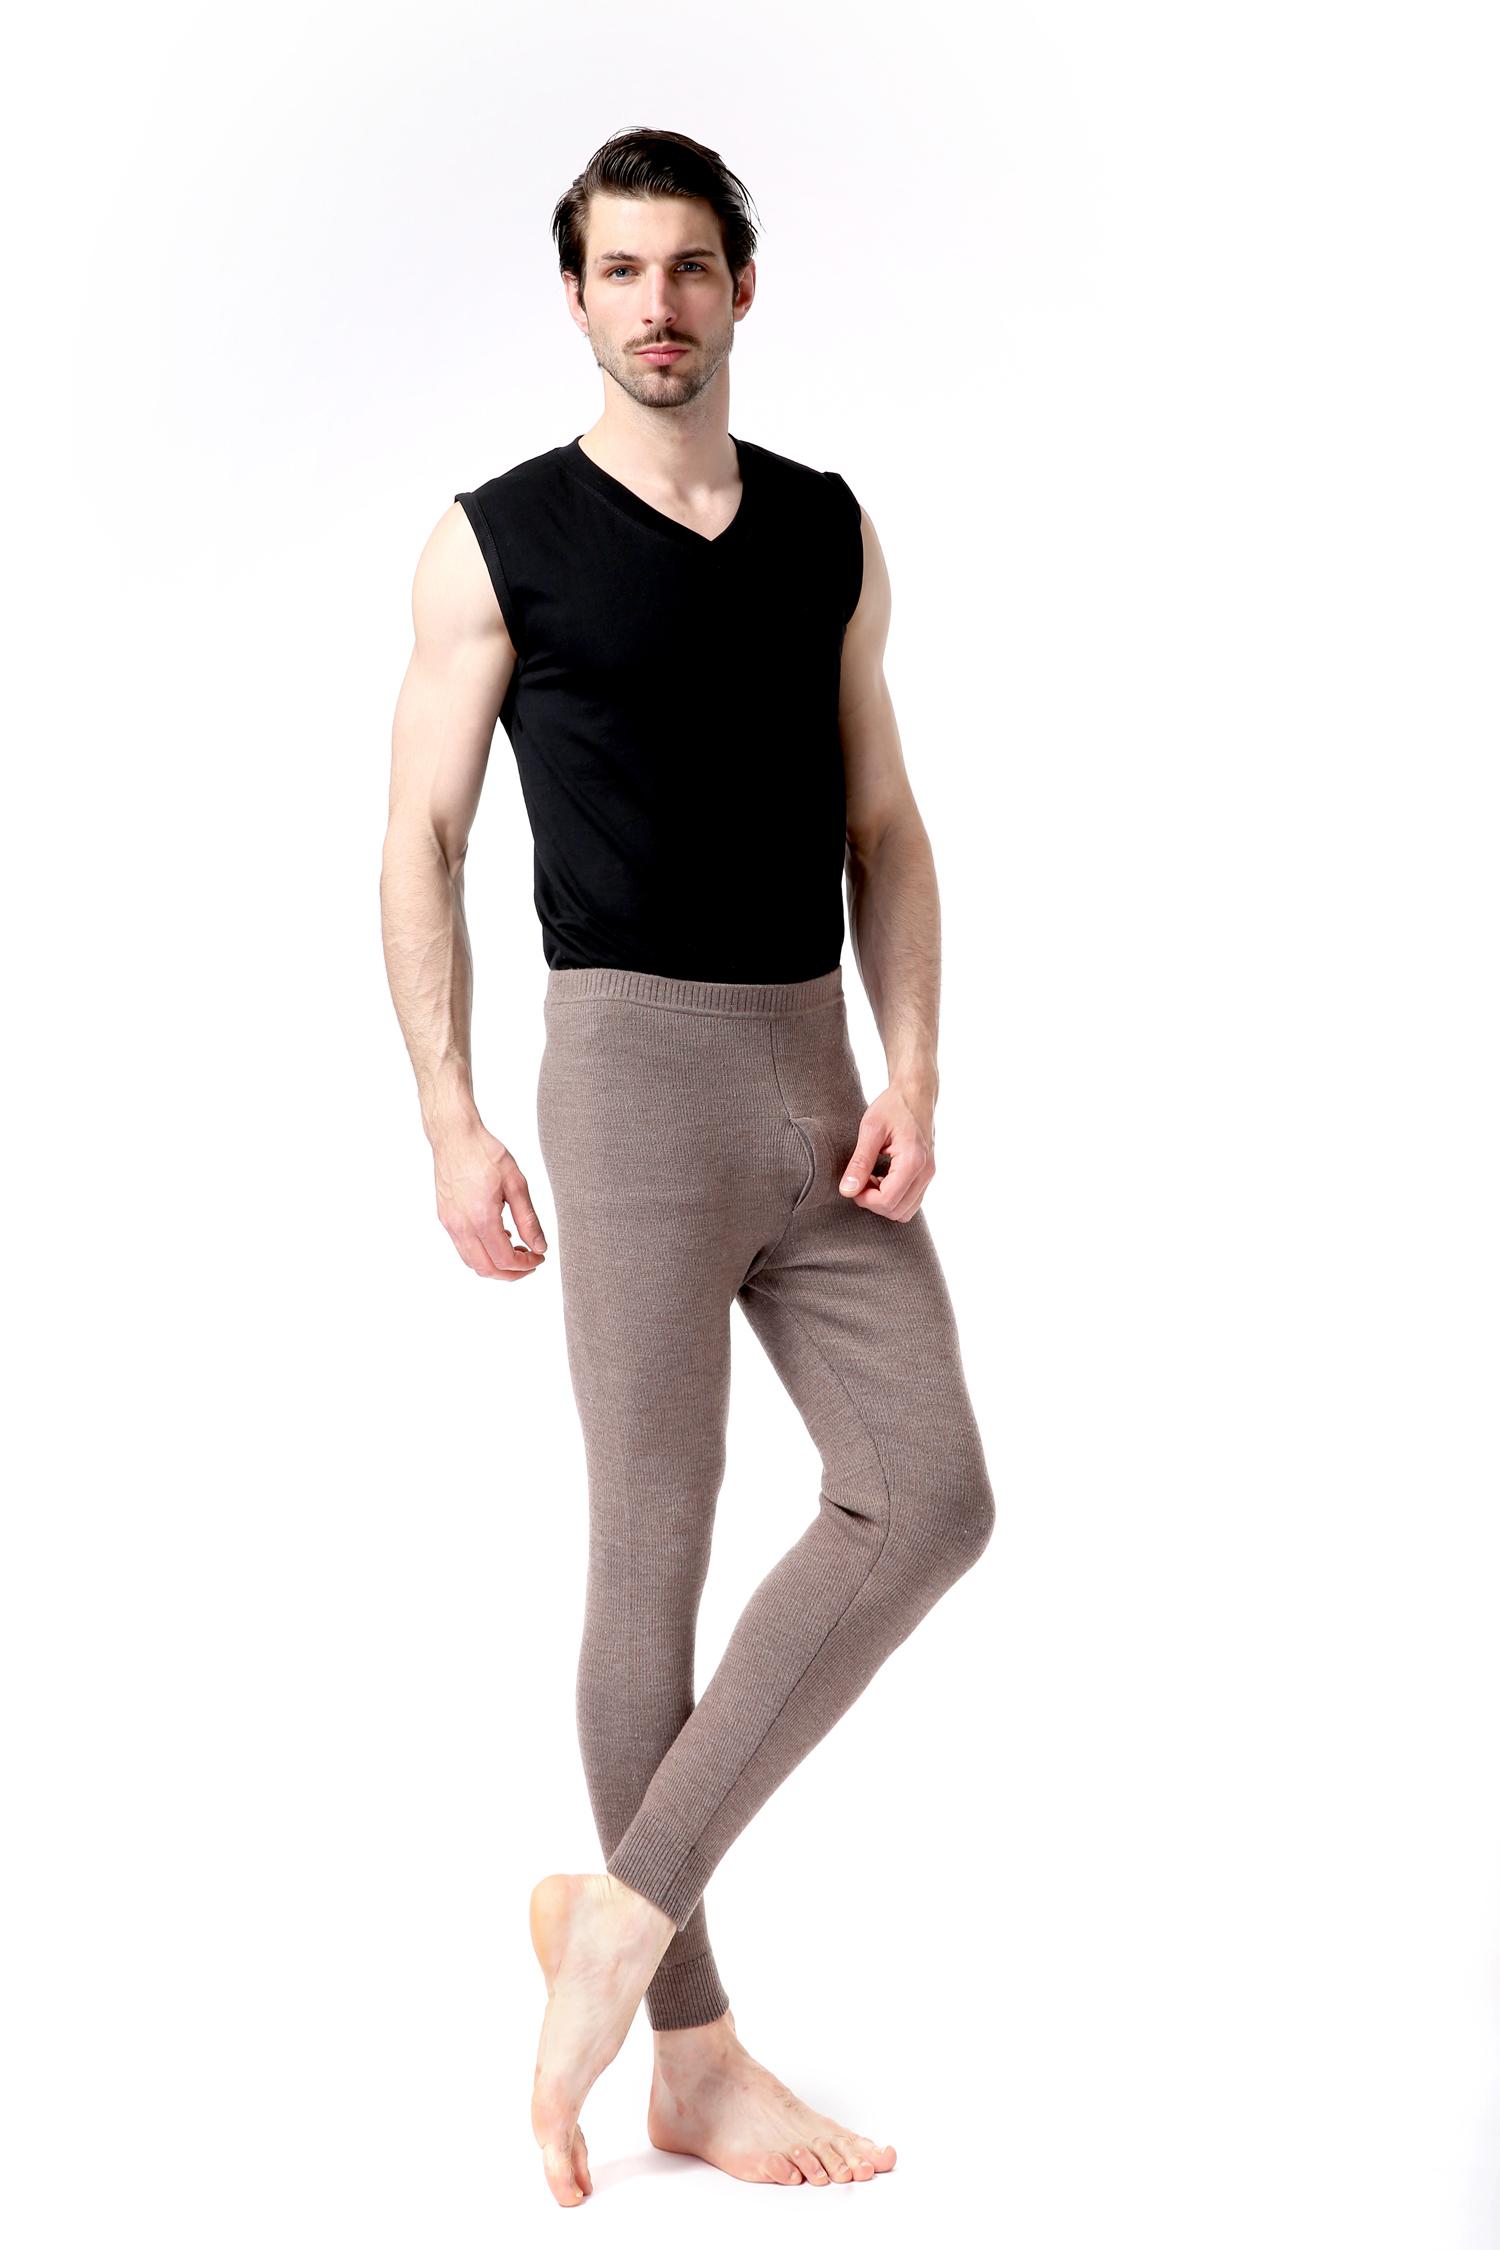 价位合理的保暖内衣_超低价的都兰诺斯澳毛男抽条裤哪有卖